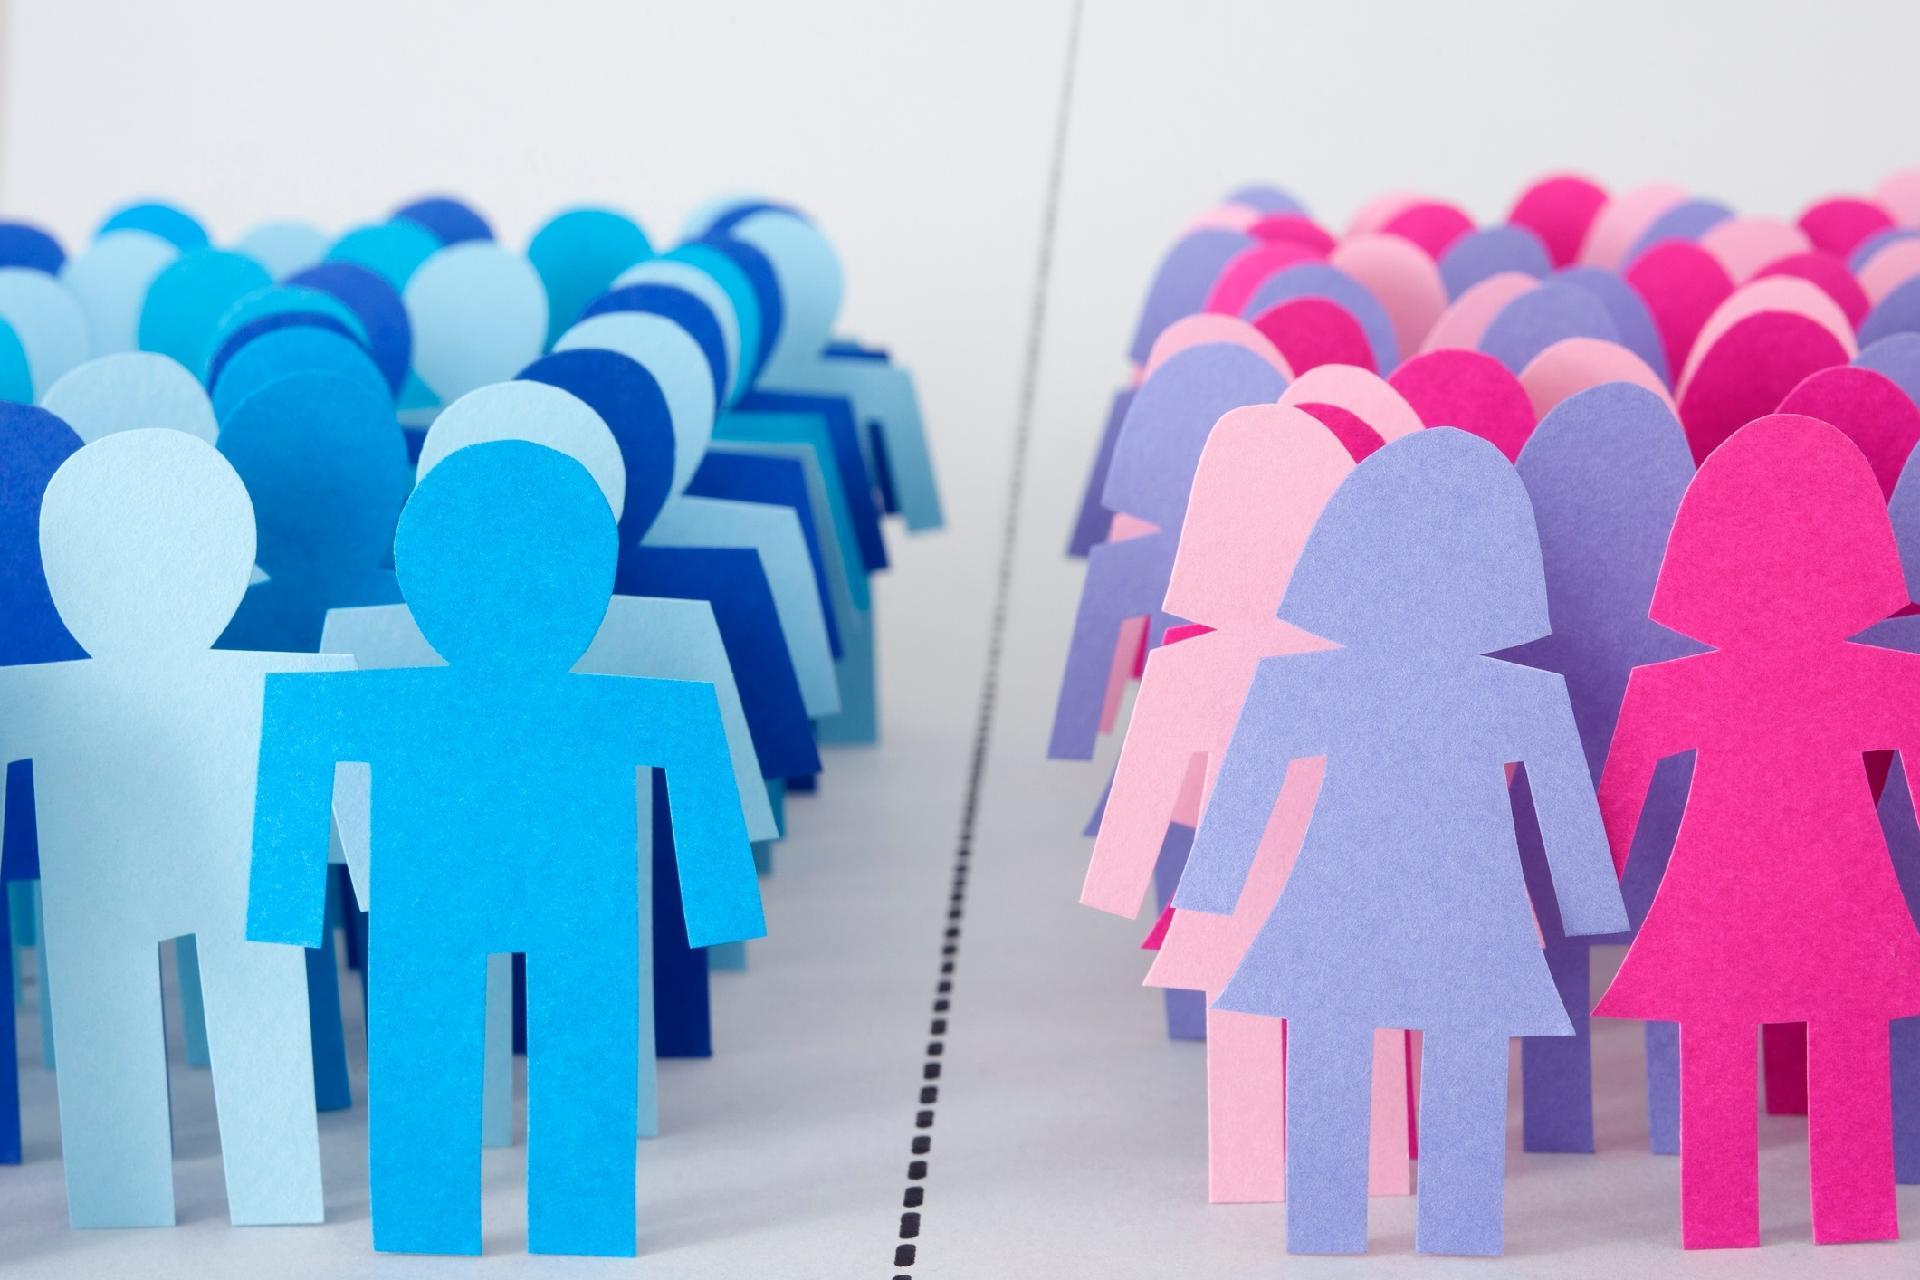 Entenda a diferença entre sexo biológico, gênero e orientação sexual - 27/06/2019 - UOL Universa